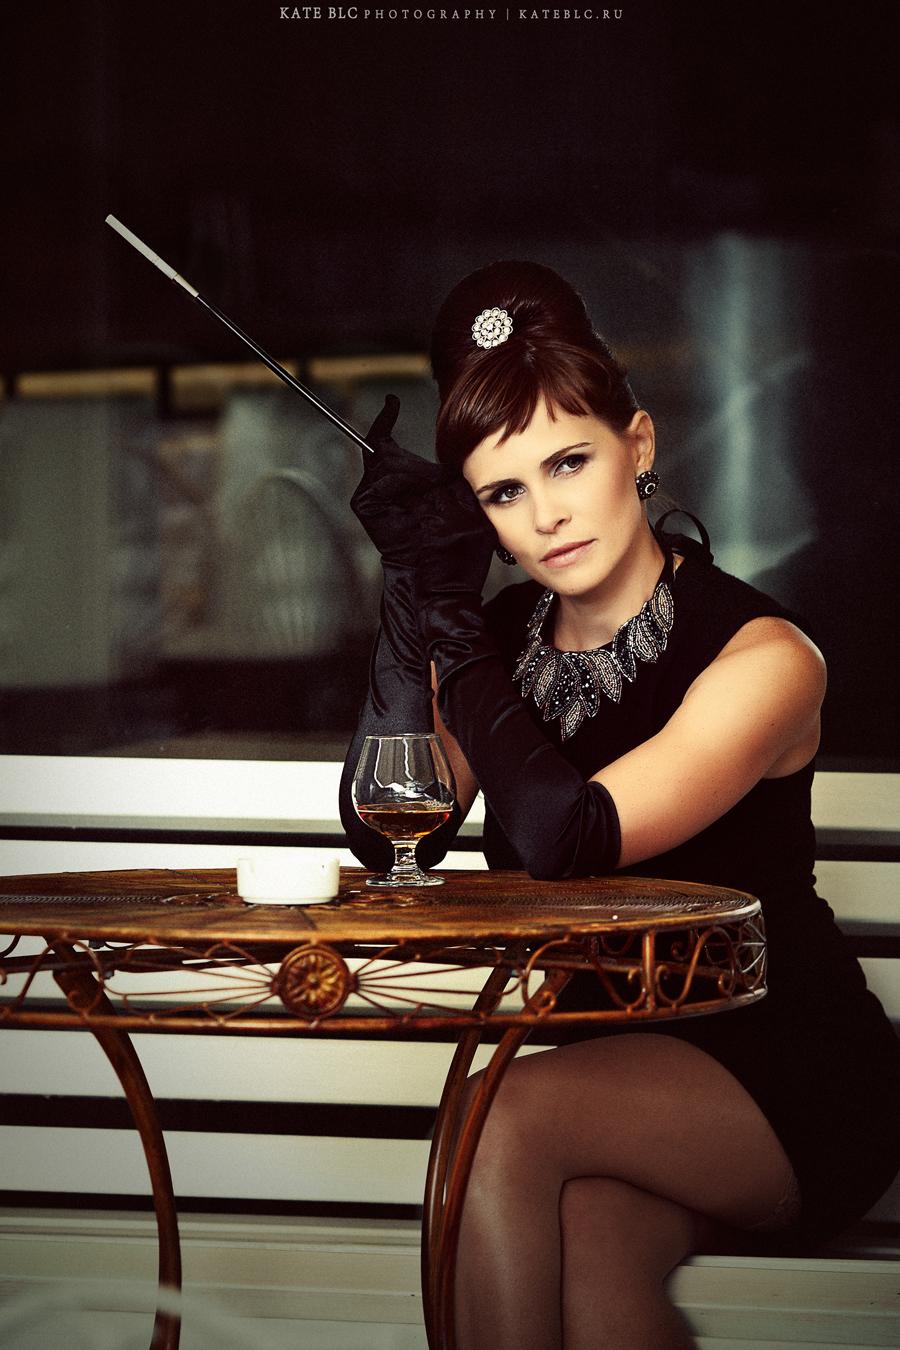 Портрет. Девушка в кафе. Фотограф Катрин Белоцерковская. Kate BLC